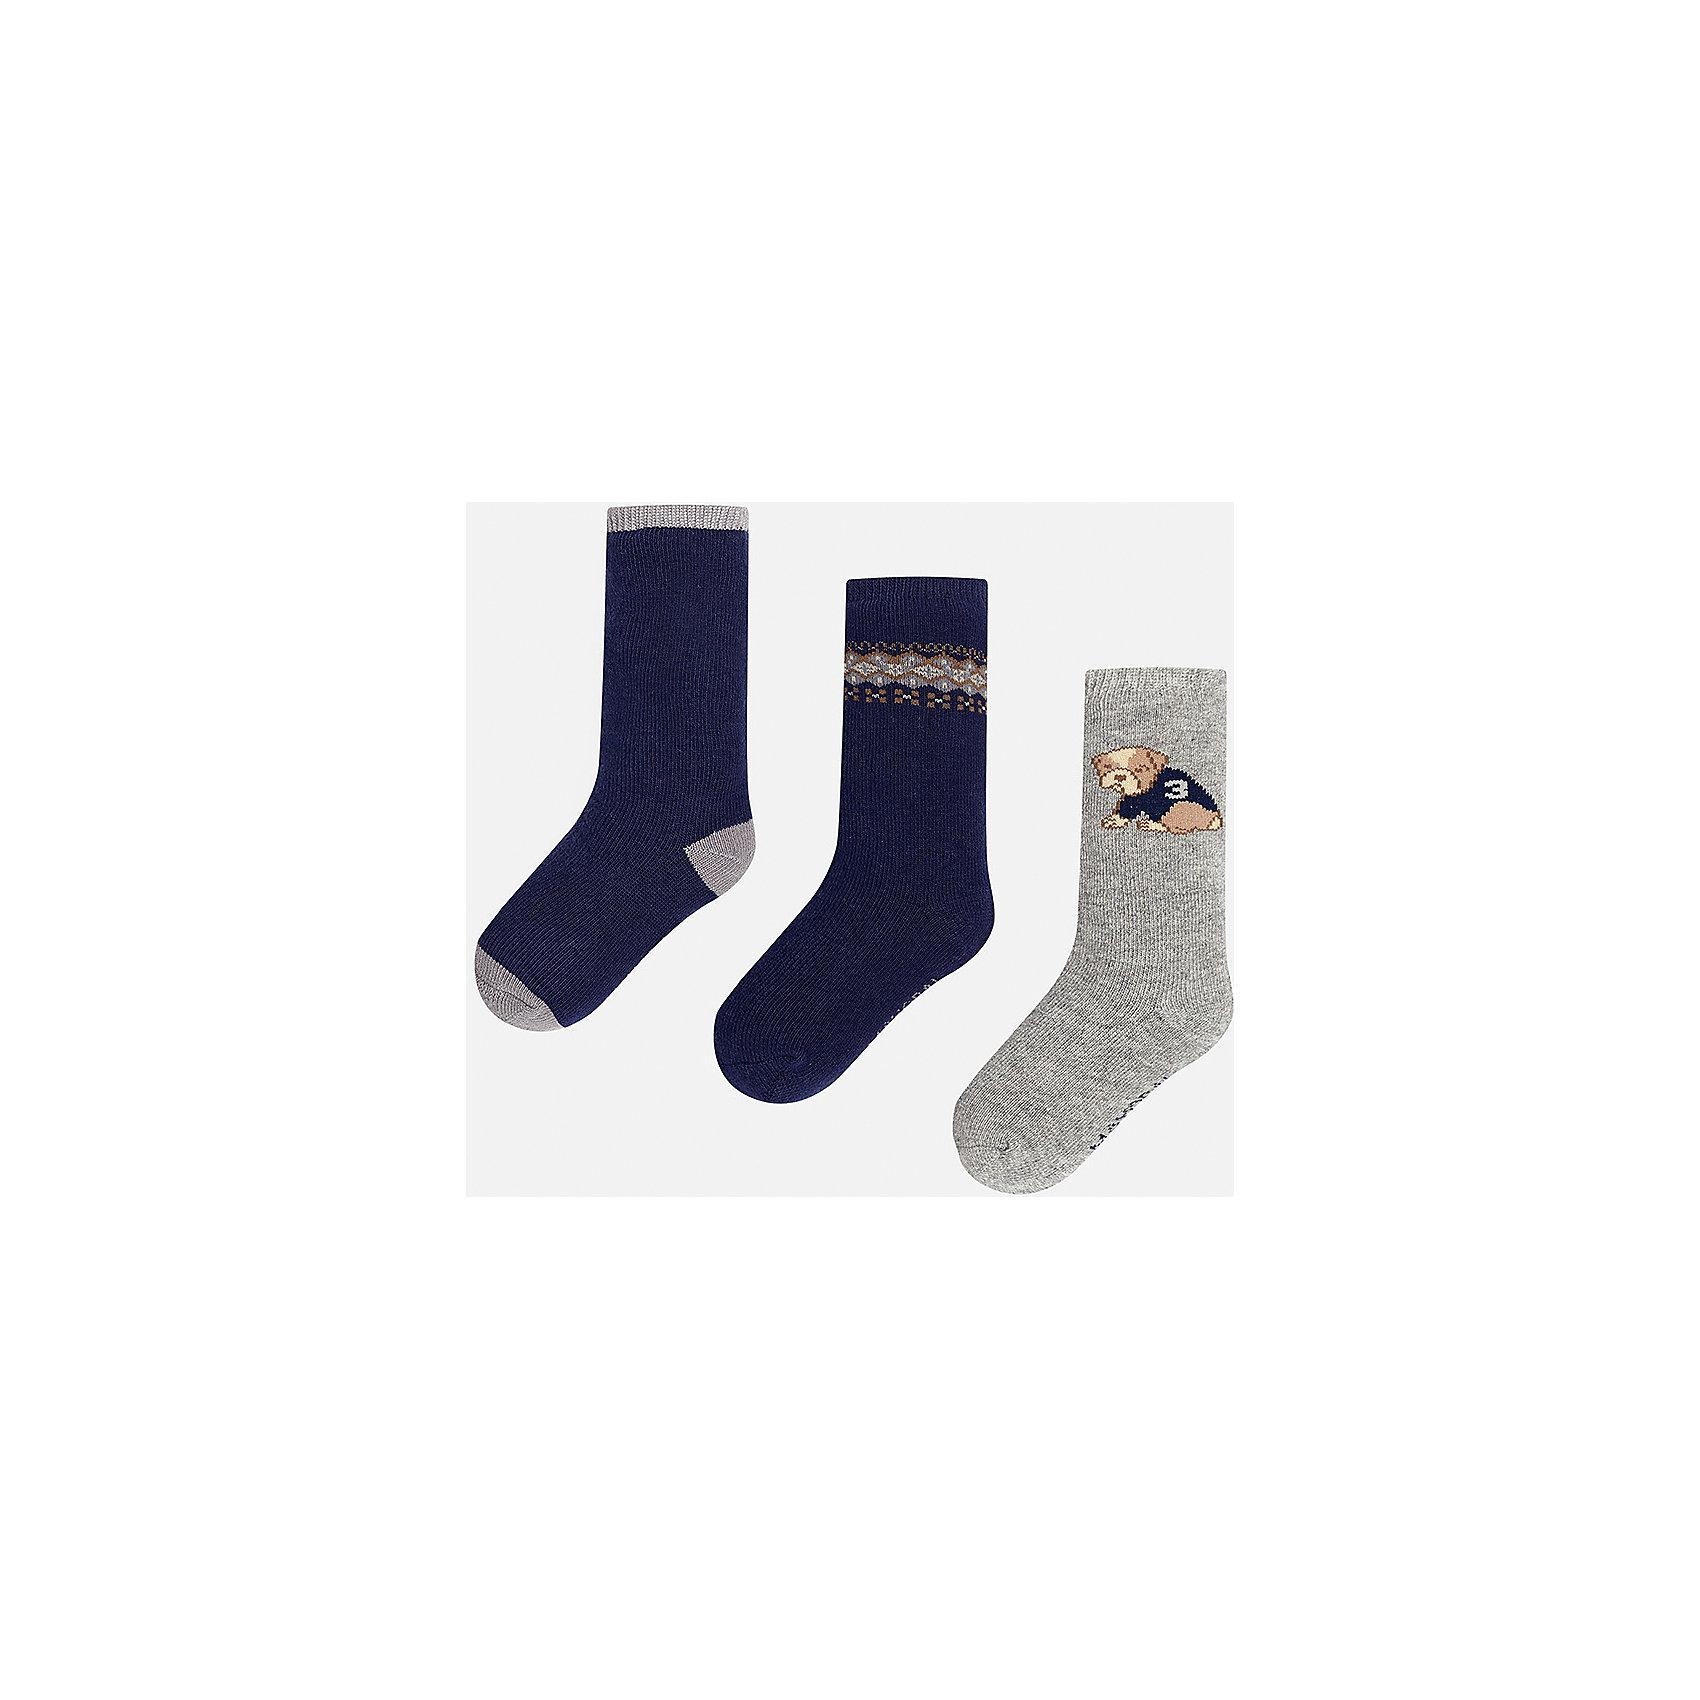 Комплект:3 пары носков для мальчика MayoralНоски<br>Набор из 3 пар носков для мальчиков от известного испанского бренда Mayoral. В комплекте носки разной расцветки: темно-синий с серыми пяткой, носком и резинкой, темно-синий с коричнево-серым узором сверху, серый с рисунком собачка. Носки сделаны из специальных дышащих материалов, чтобы ноги ребенка не потели.<br>Дополнительная информация:<br>-разная расцветка<br>-состав: 77% хлопок, 20% полиамид, 3% эластан<br>Комплект носков Mayoral можно приобрести в нашем интернет-магазине.<br><br>Ширина мм: 87<br>Глубина мм: 10<br>Высота мм: 105<br>Вес г: 115<br>Цвет: сине-серый<br>Возраст от месяцев: 9<br>Возраст до месяцев: 12<br>Пол: Мужской<br>Возраст: Детский<br>Размер: 1,2<br>SKU: 4820035